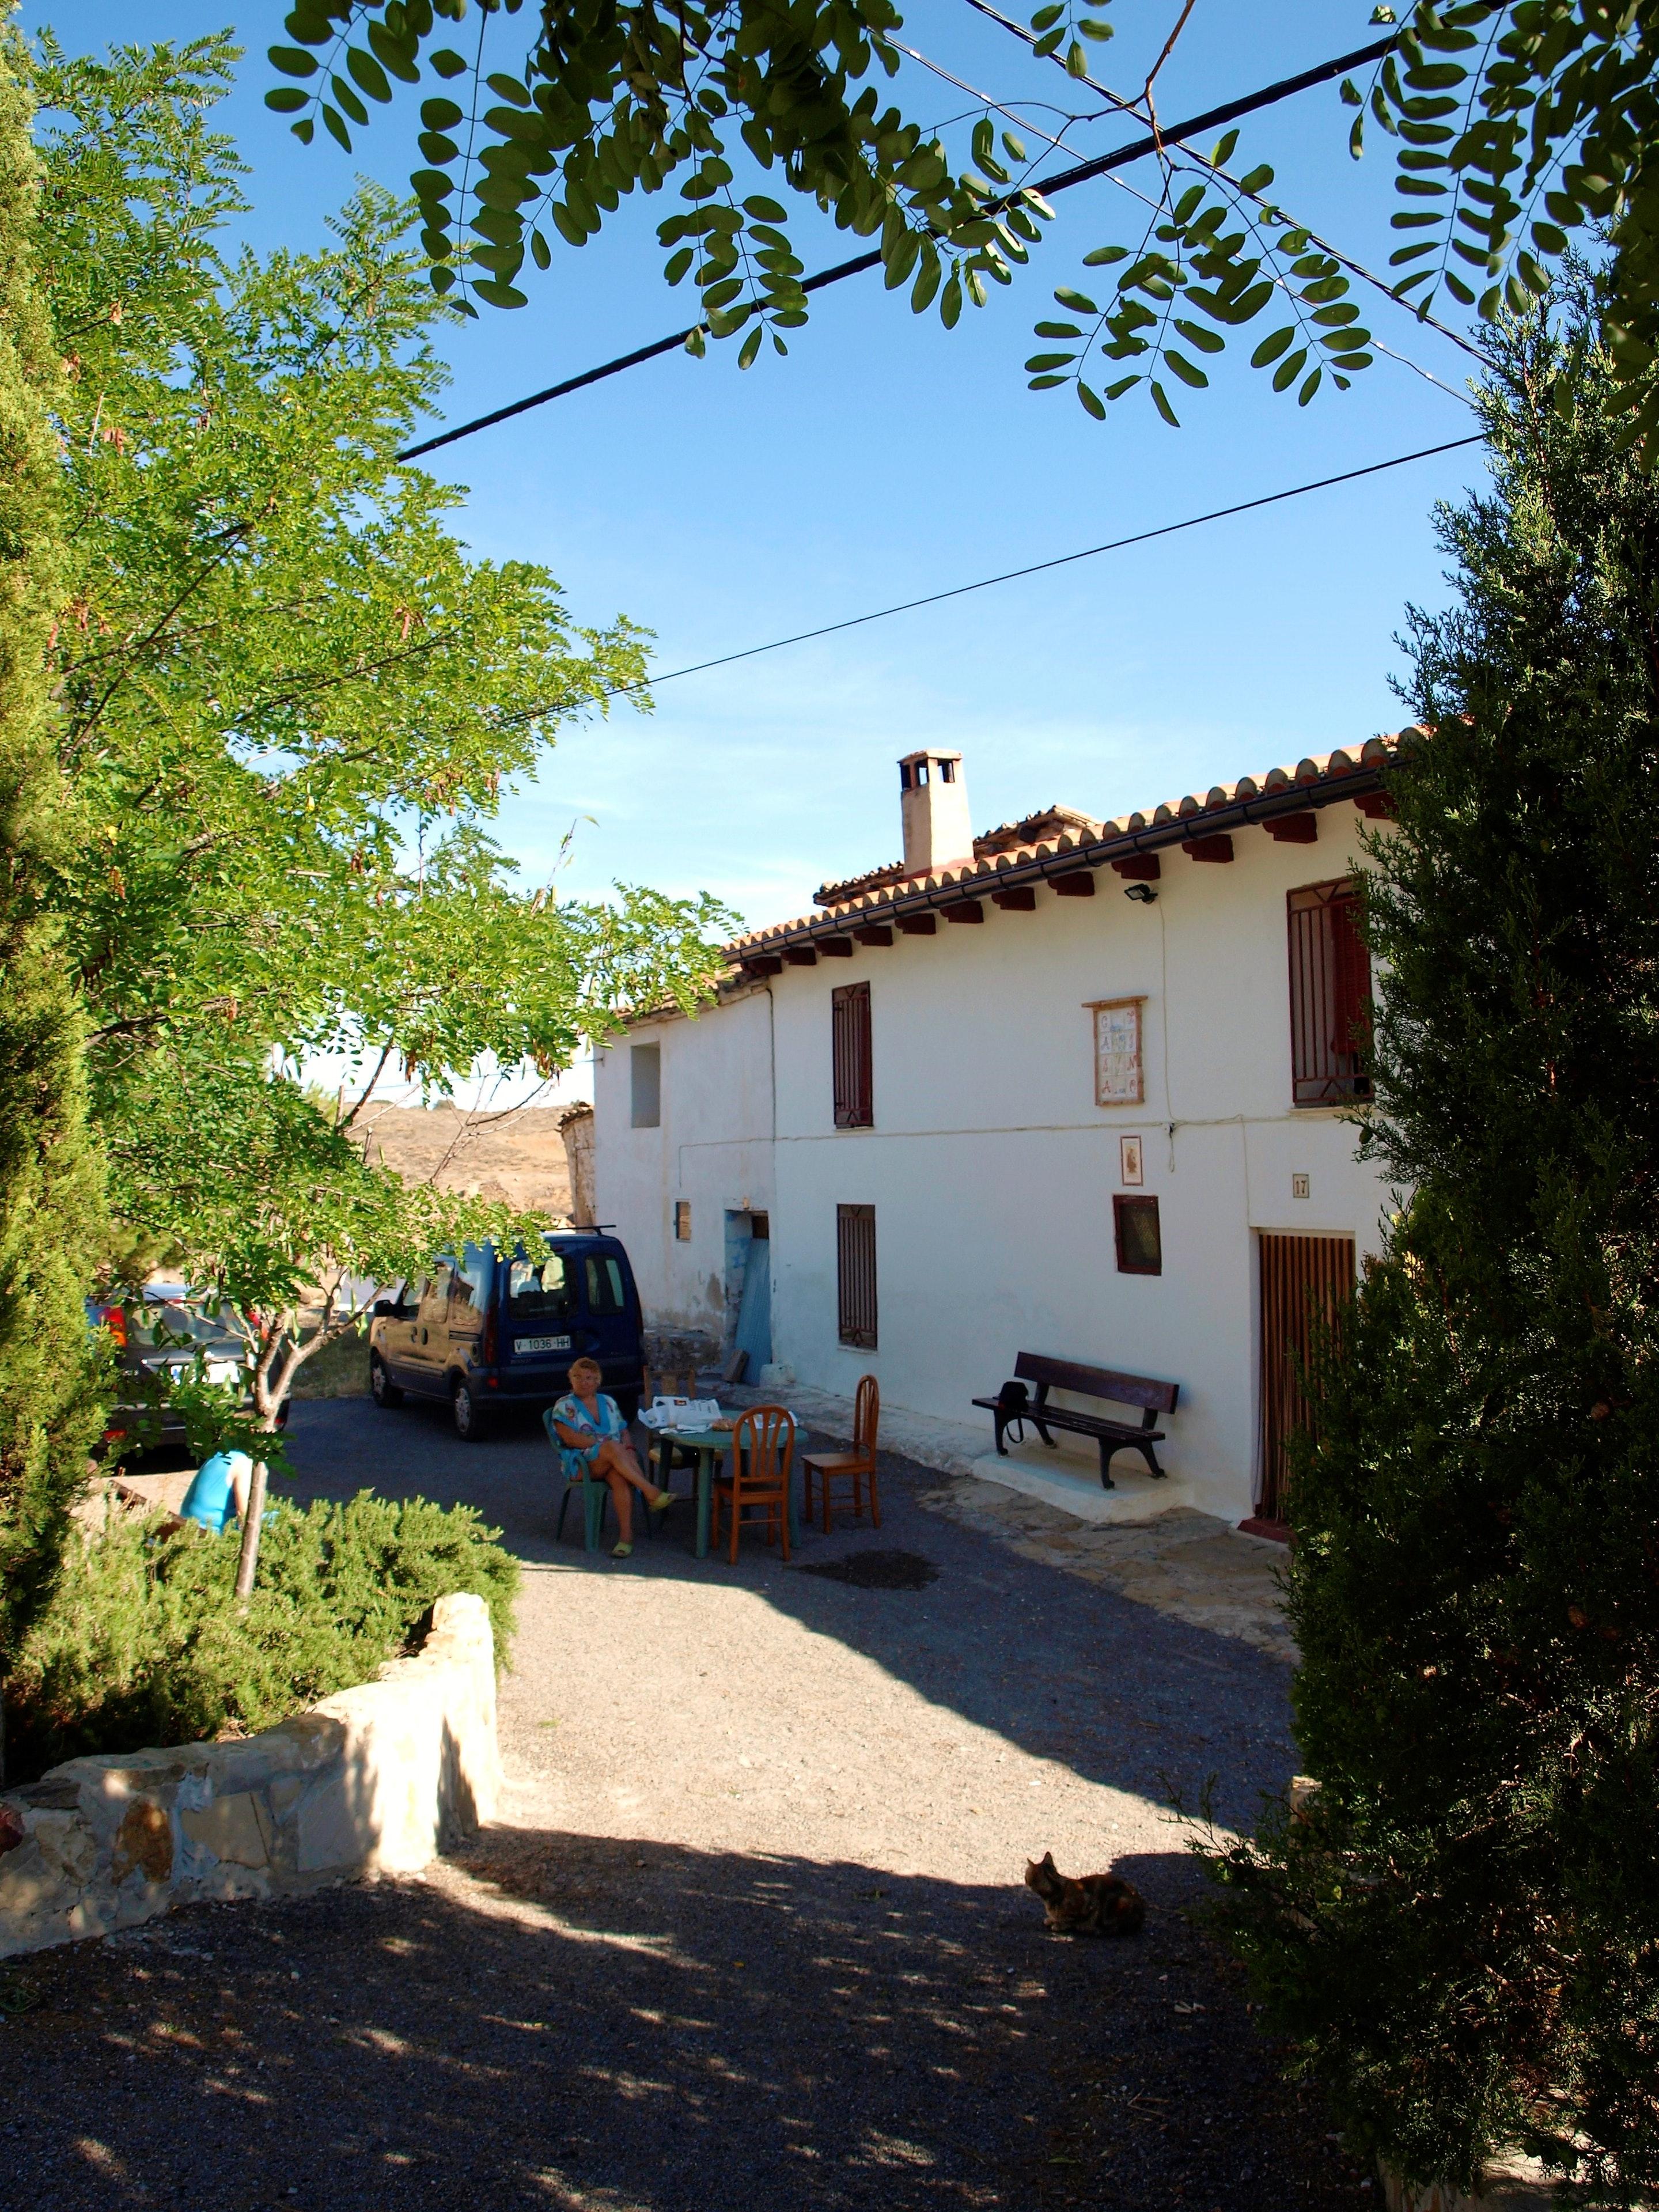 Maison de vacances Haus mit 6 Schlafzimmern in Albentosa mit toller Aussicht auf die Berge und möblierter Ter (2639969), Albentosa, Teruel, Aragon, Espagne, image 10